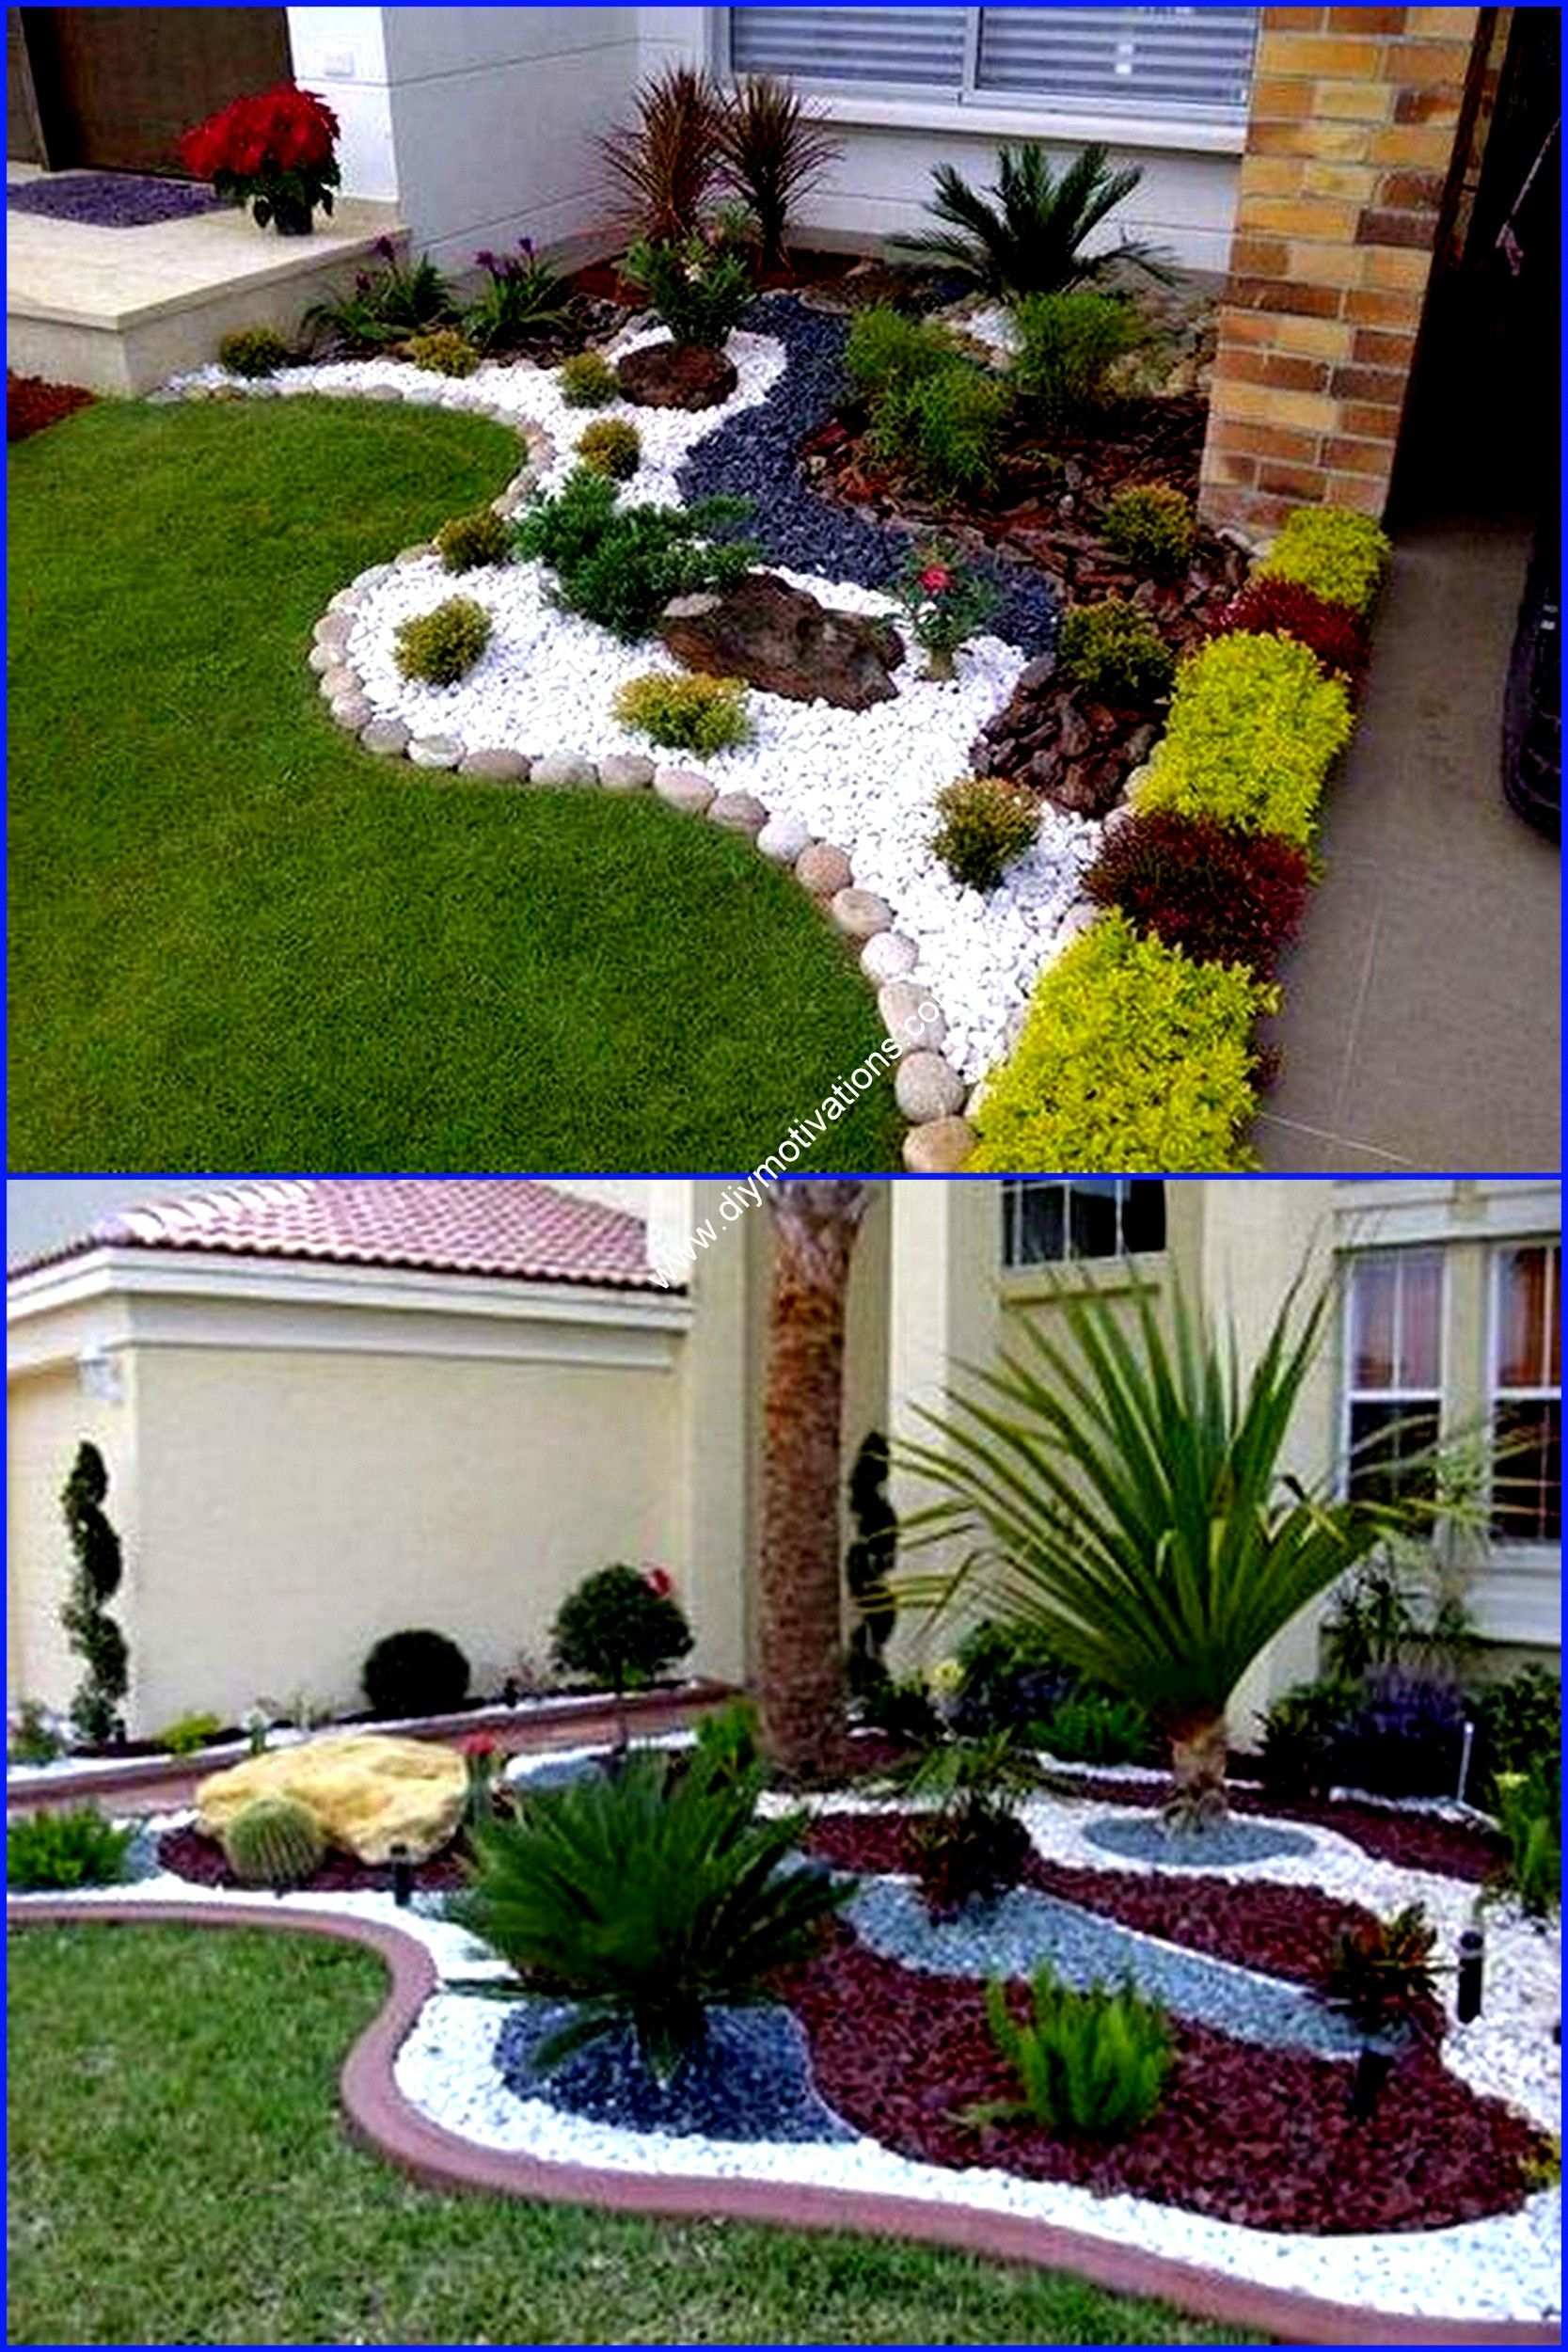 12 Fotos De Ideas De Paisajismo De Jardin Pequeno Jardin Decoracionhogar99 Com En 2020 Jardines Diseno De Jardin Jardin Con Palmeras